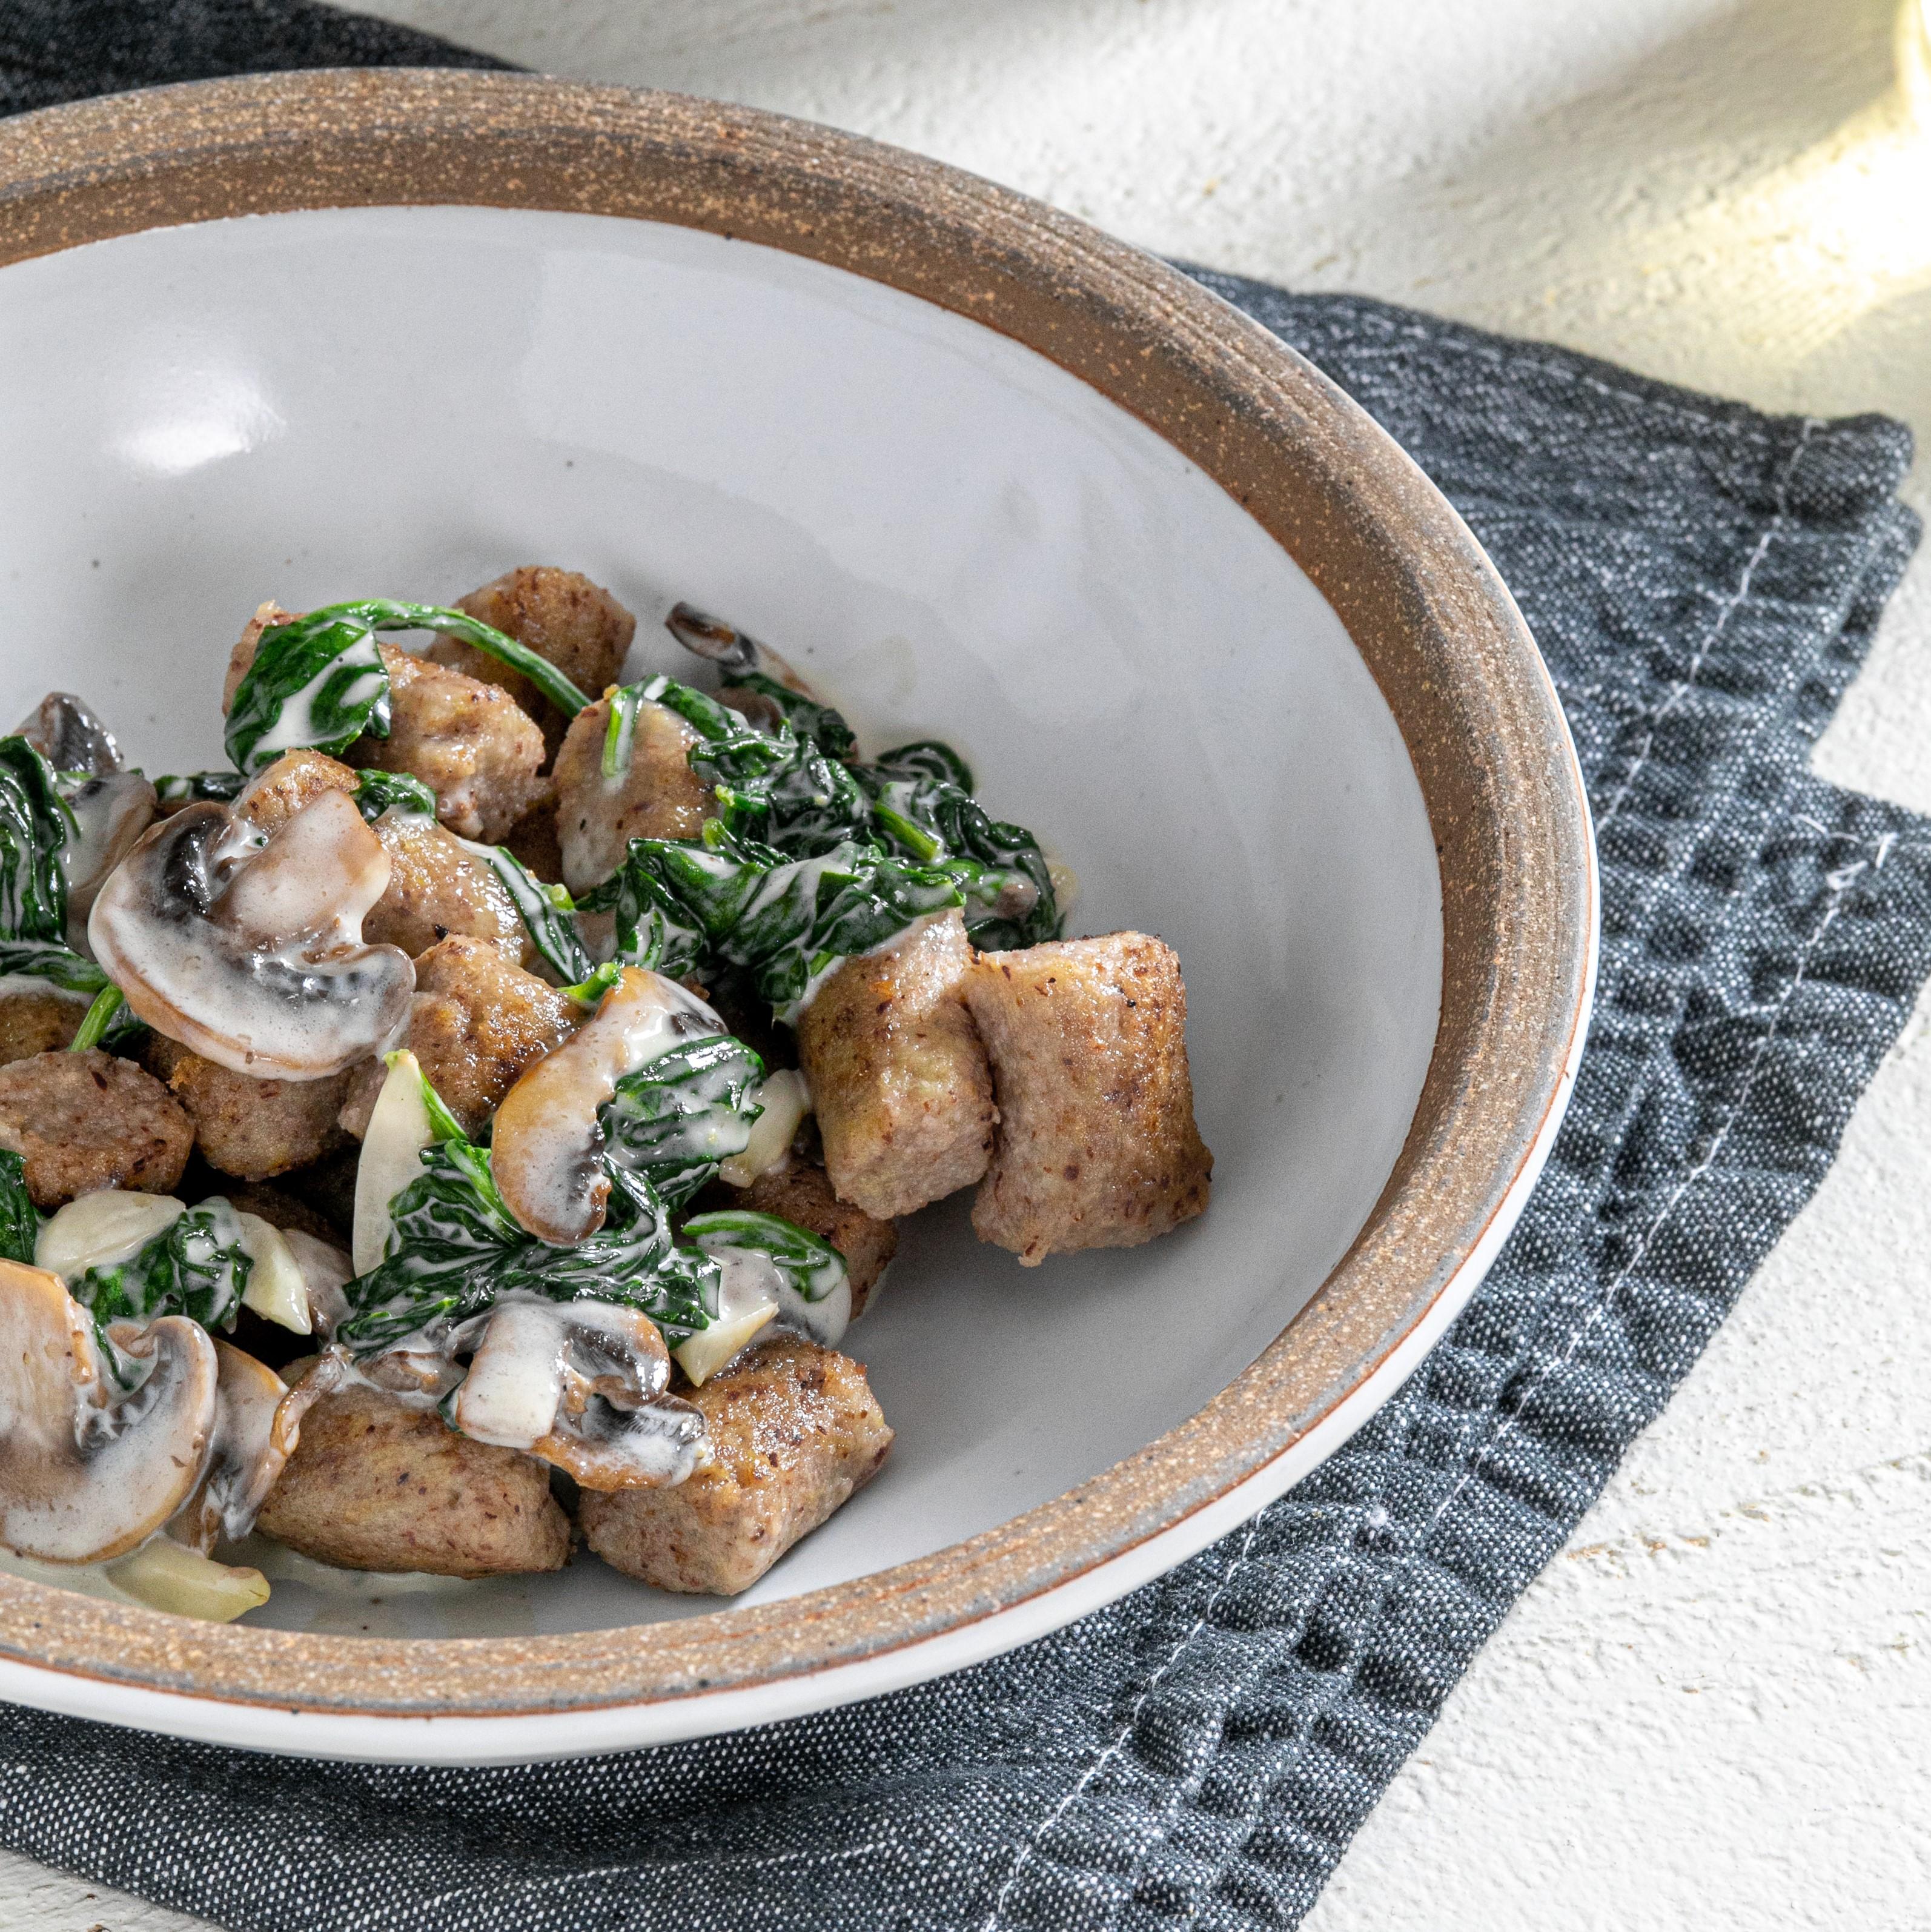 Gluten-free Pecan Gnocchi with Mushroom Cream Sauce